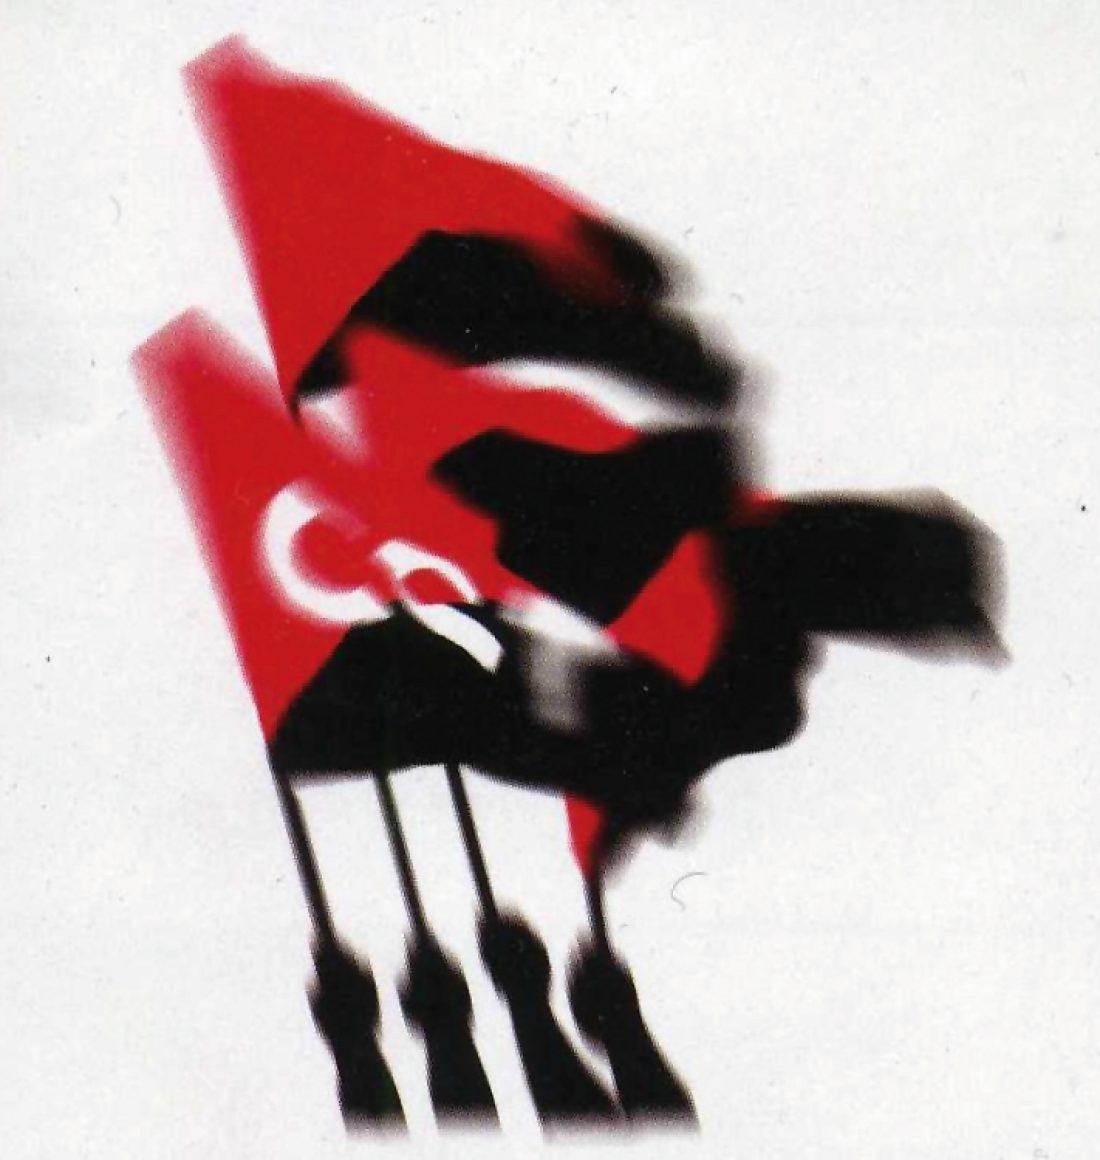 Comunicado de CGT: Rescate de Grecia y Reforma de las pensiones, las dos caras de una moneda falsa para engañar al Pueblo